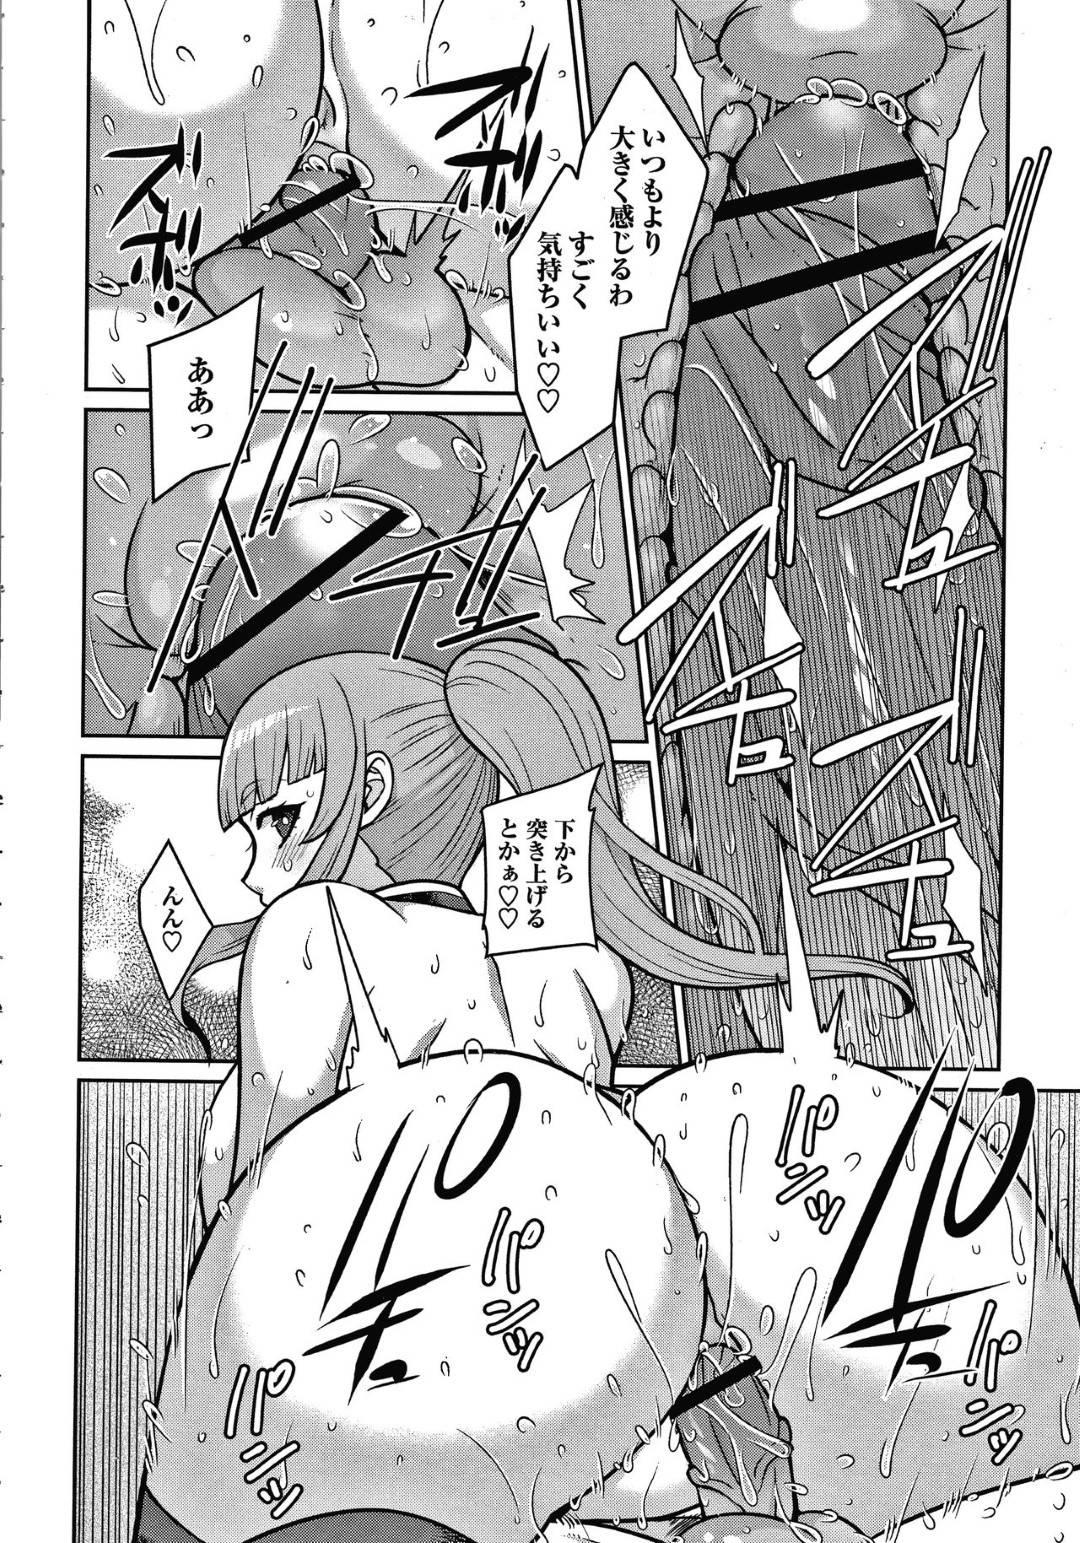 【エロ漫画】夫の淡白なセックスに物足りなさを感じる巨乳人妻…元SM嬢トップの過去を告白して夫を調教したいことを伝える!【景山玄都】